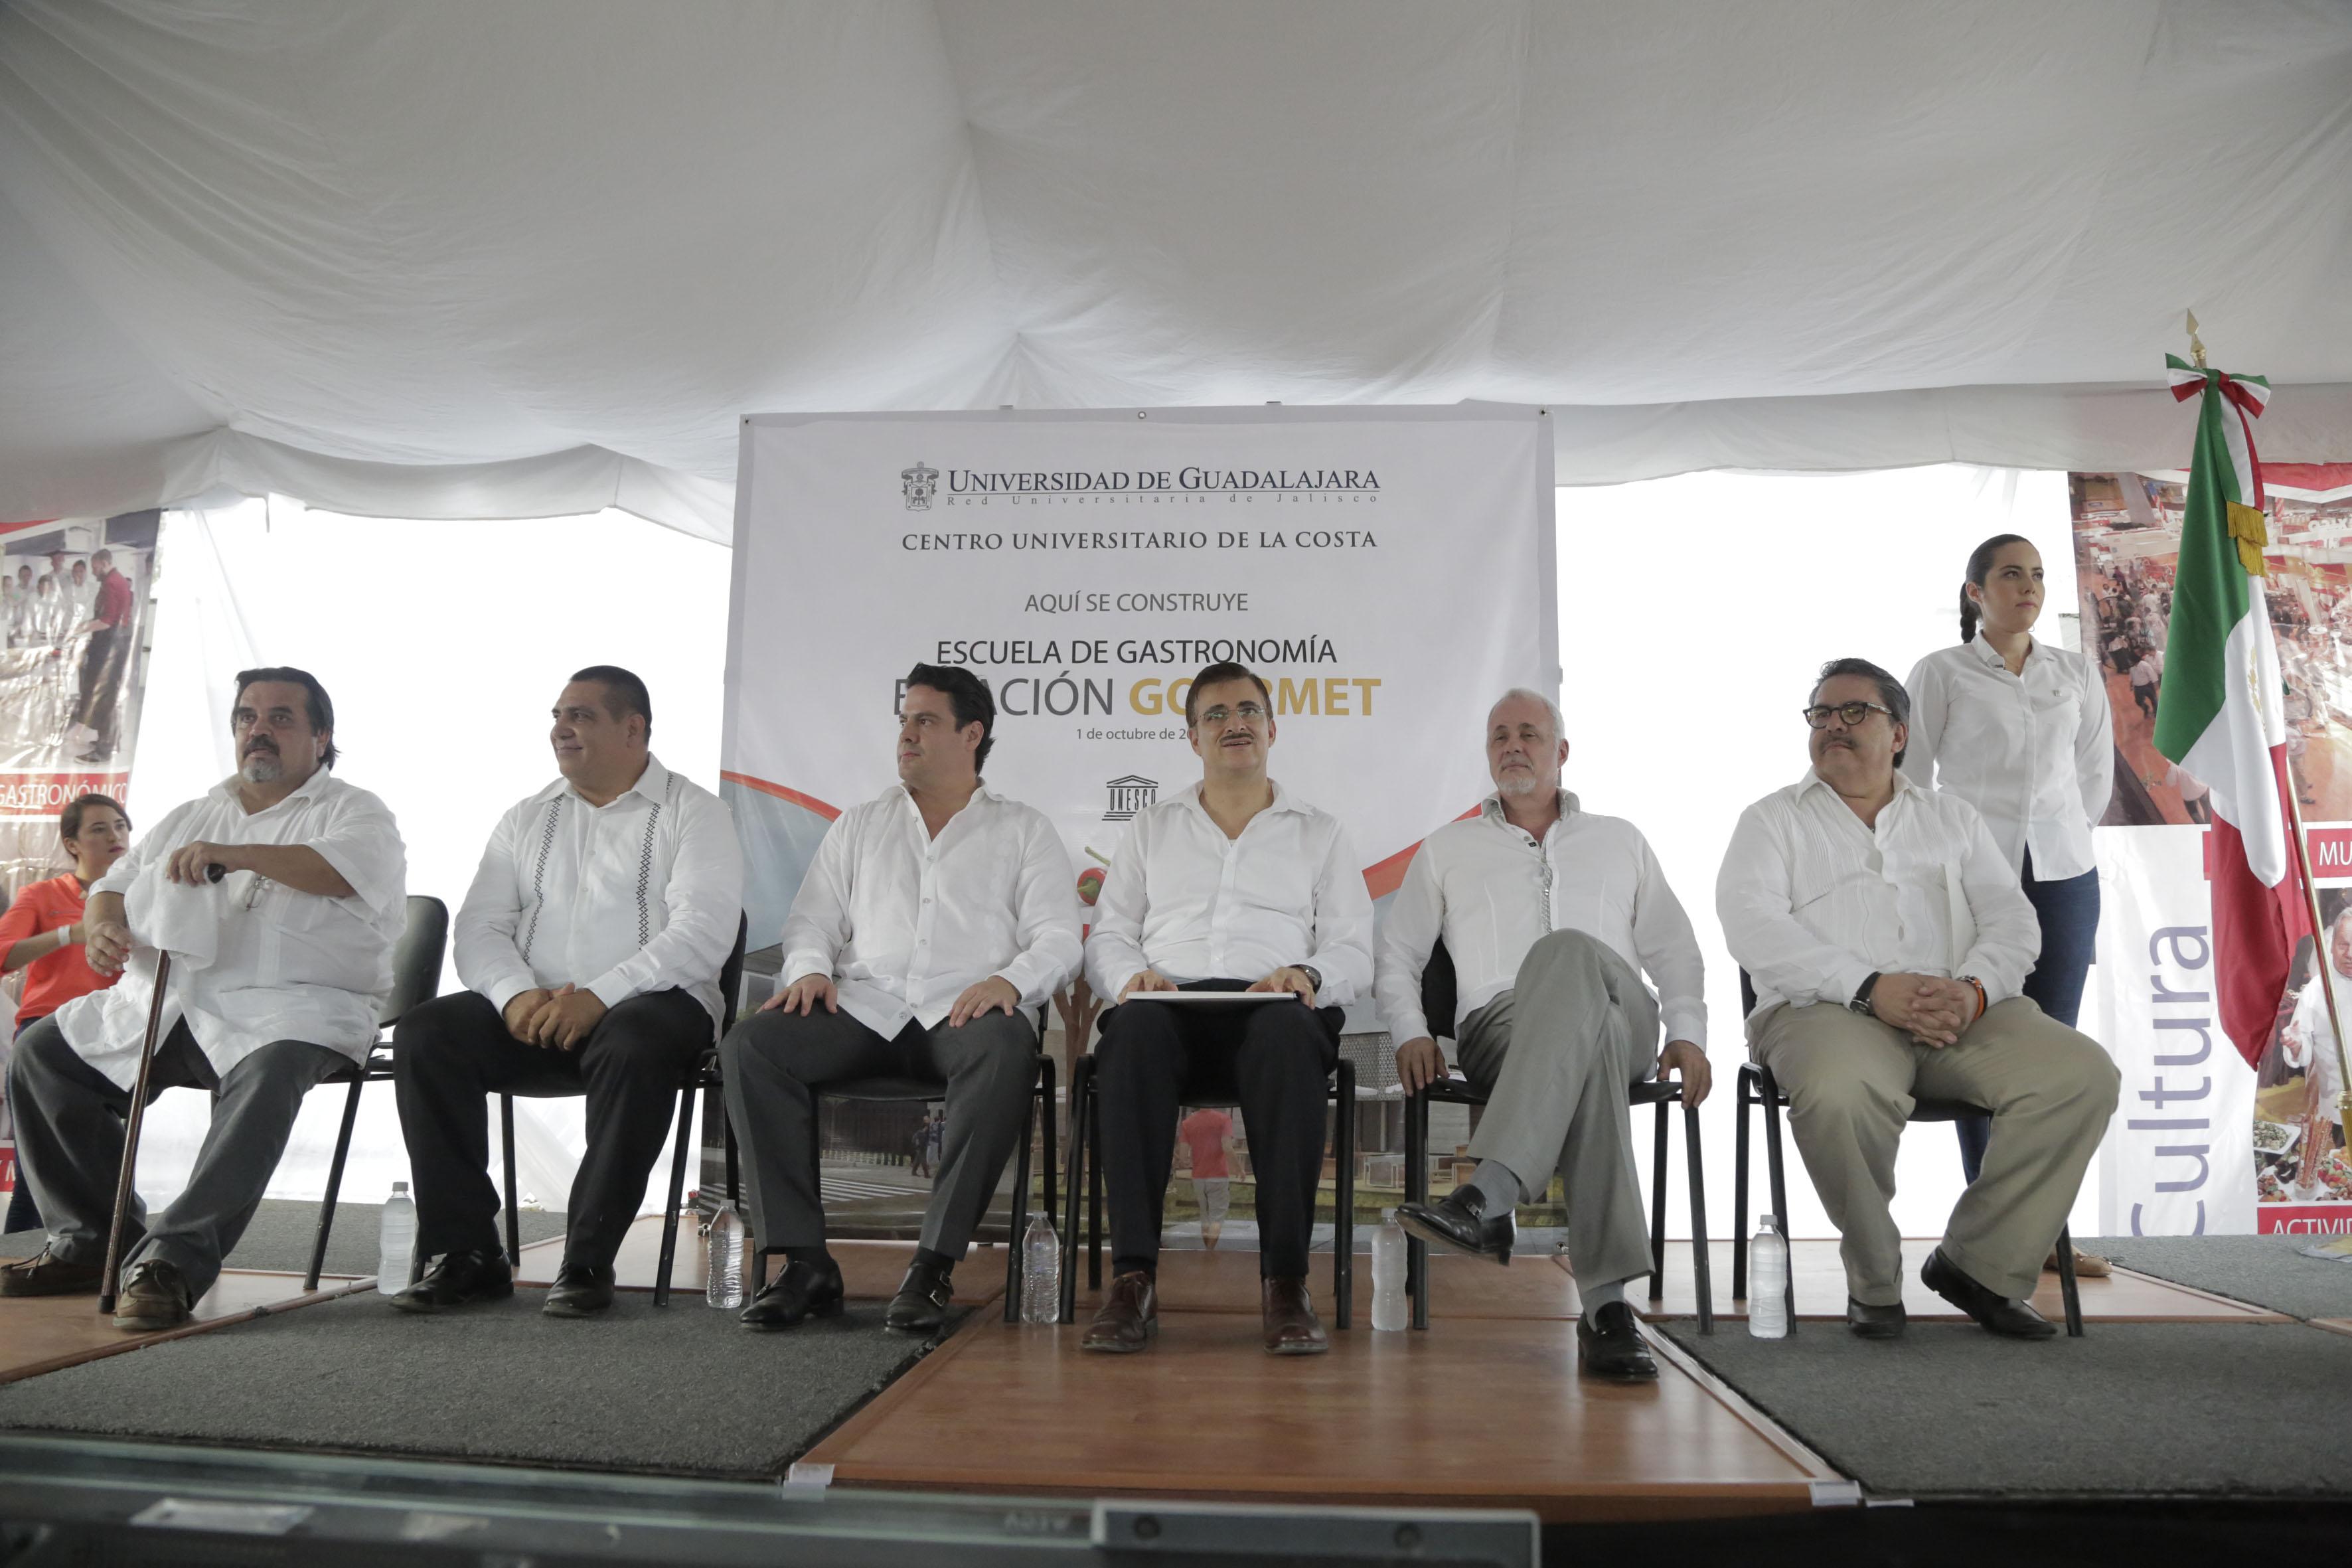 Foto de rueda de prensa de autoridades estatales, universitarias de la UdeG y del centro Univesitario de la Costa (CUCosta), por el inicio de construcción de Escuela de Gastronomía.